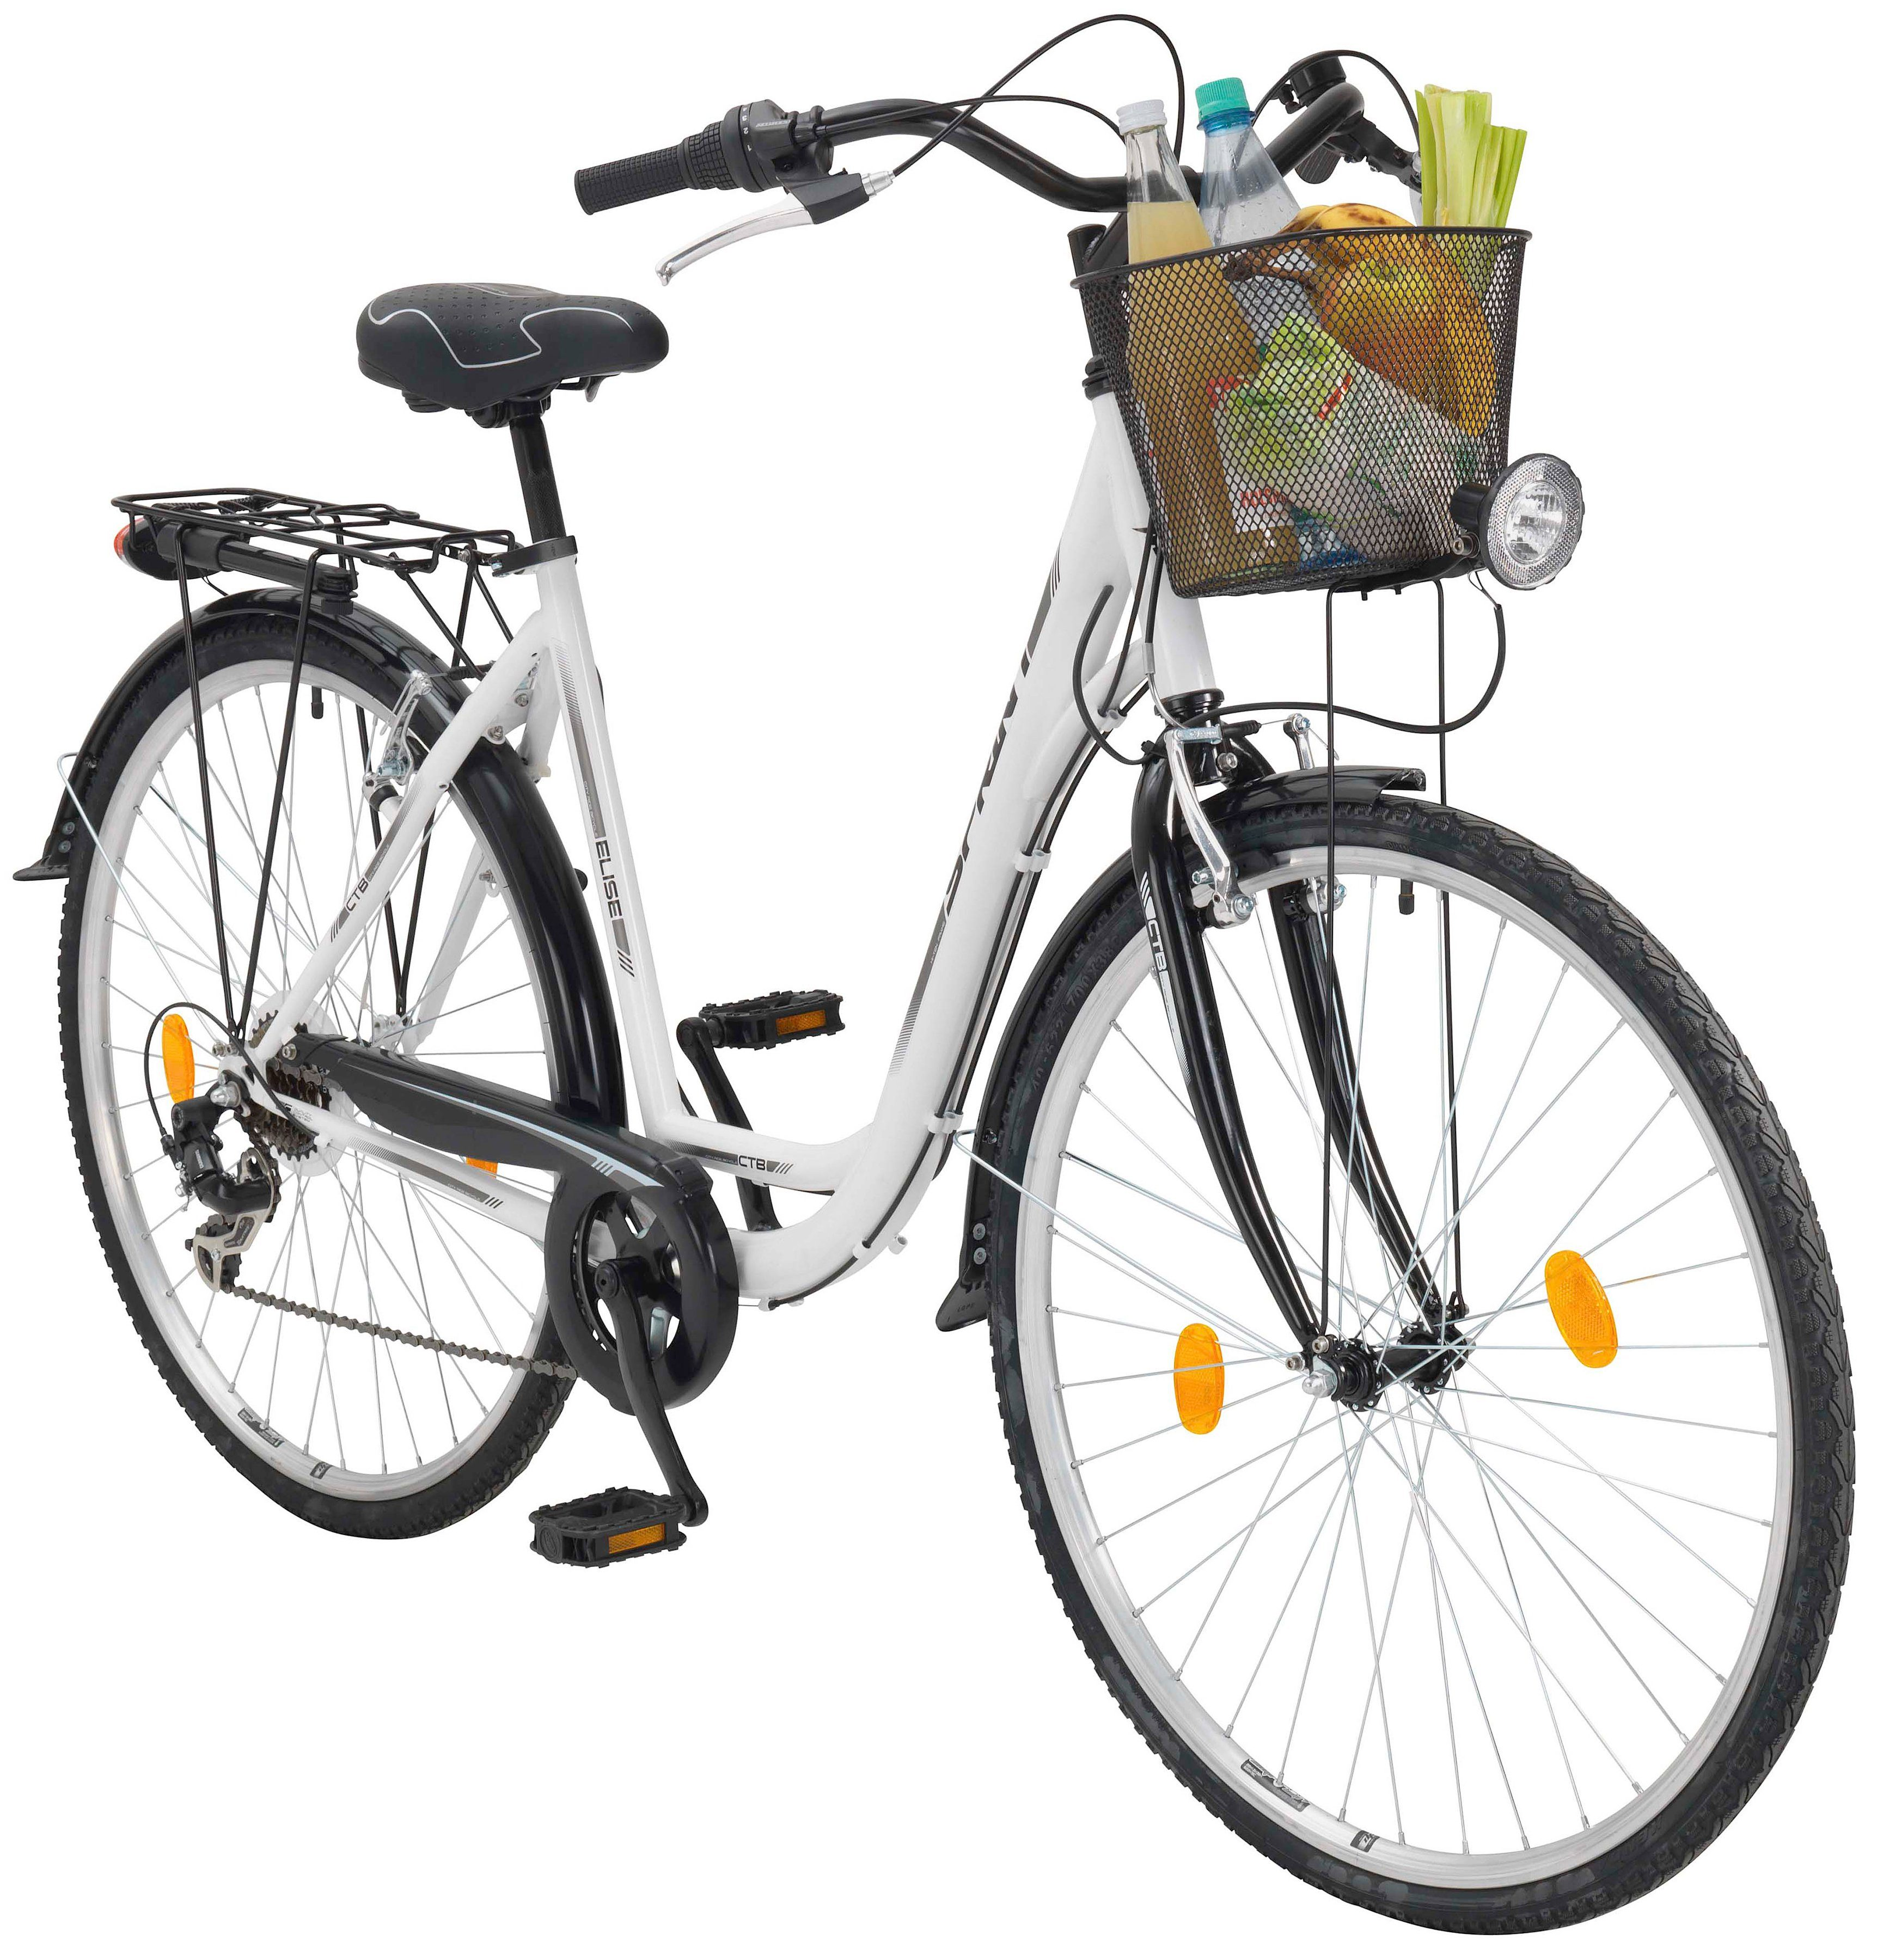 Citybike Damen »Elise«, 28 Zoll, 7 Gang, V-Bremsen